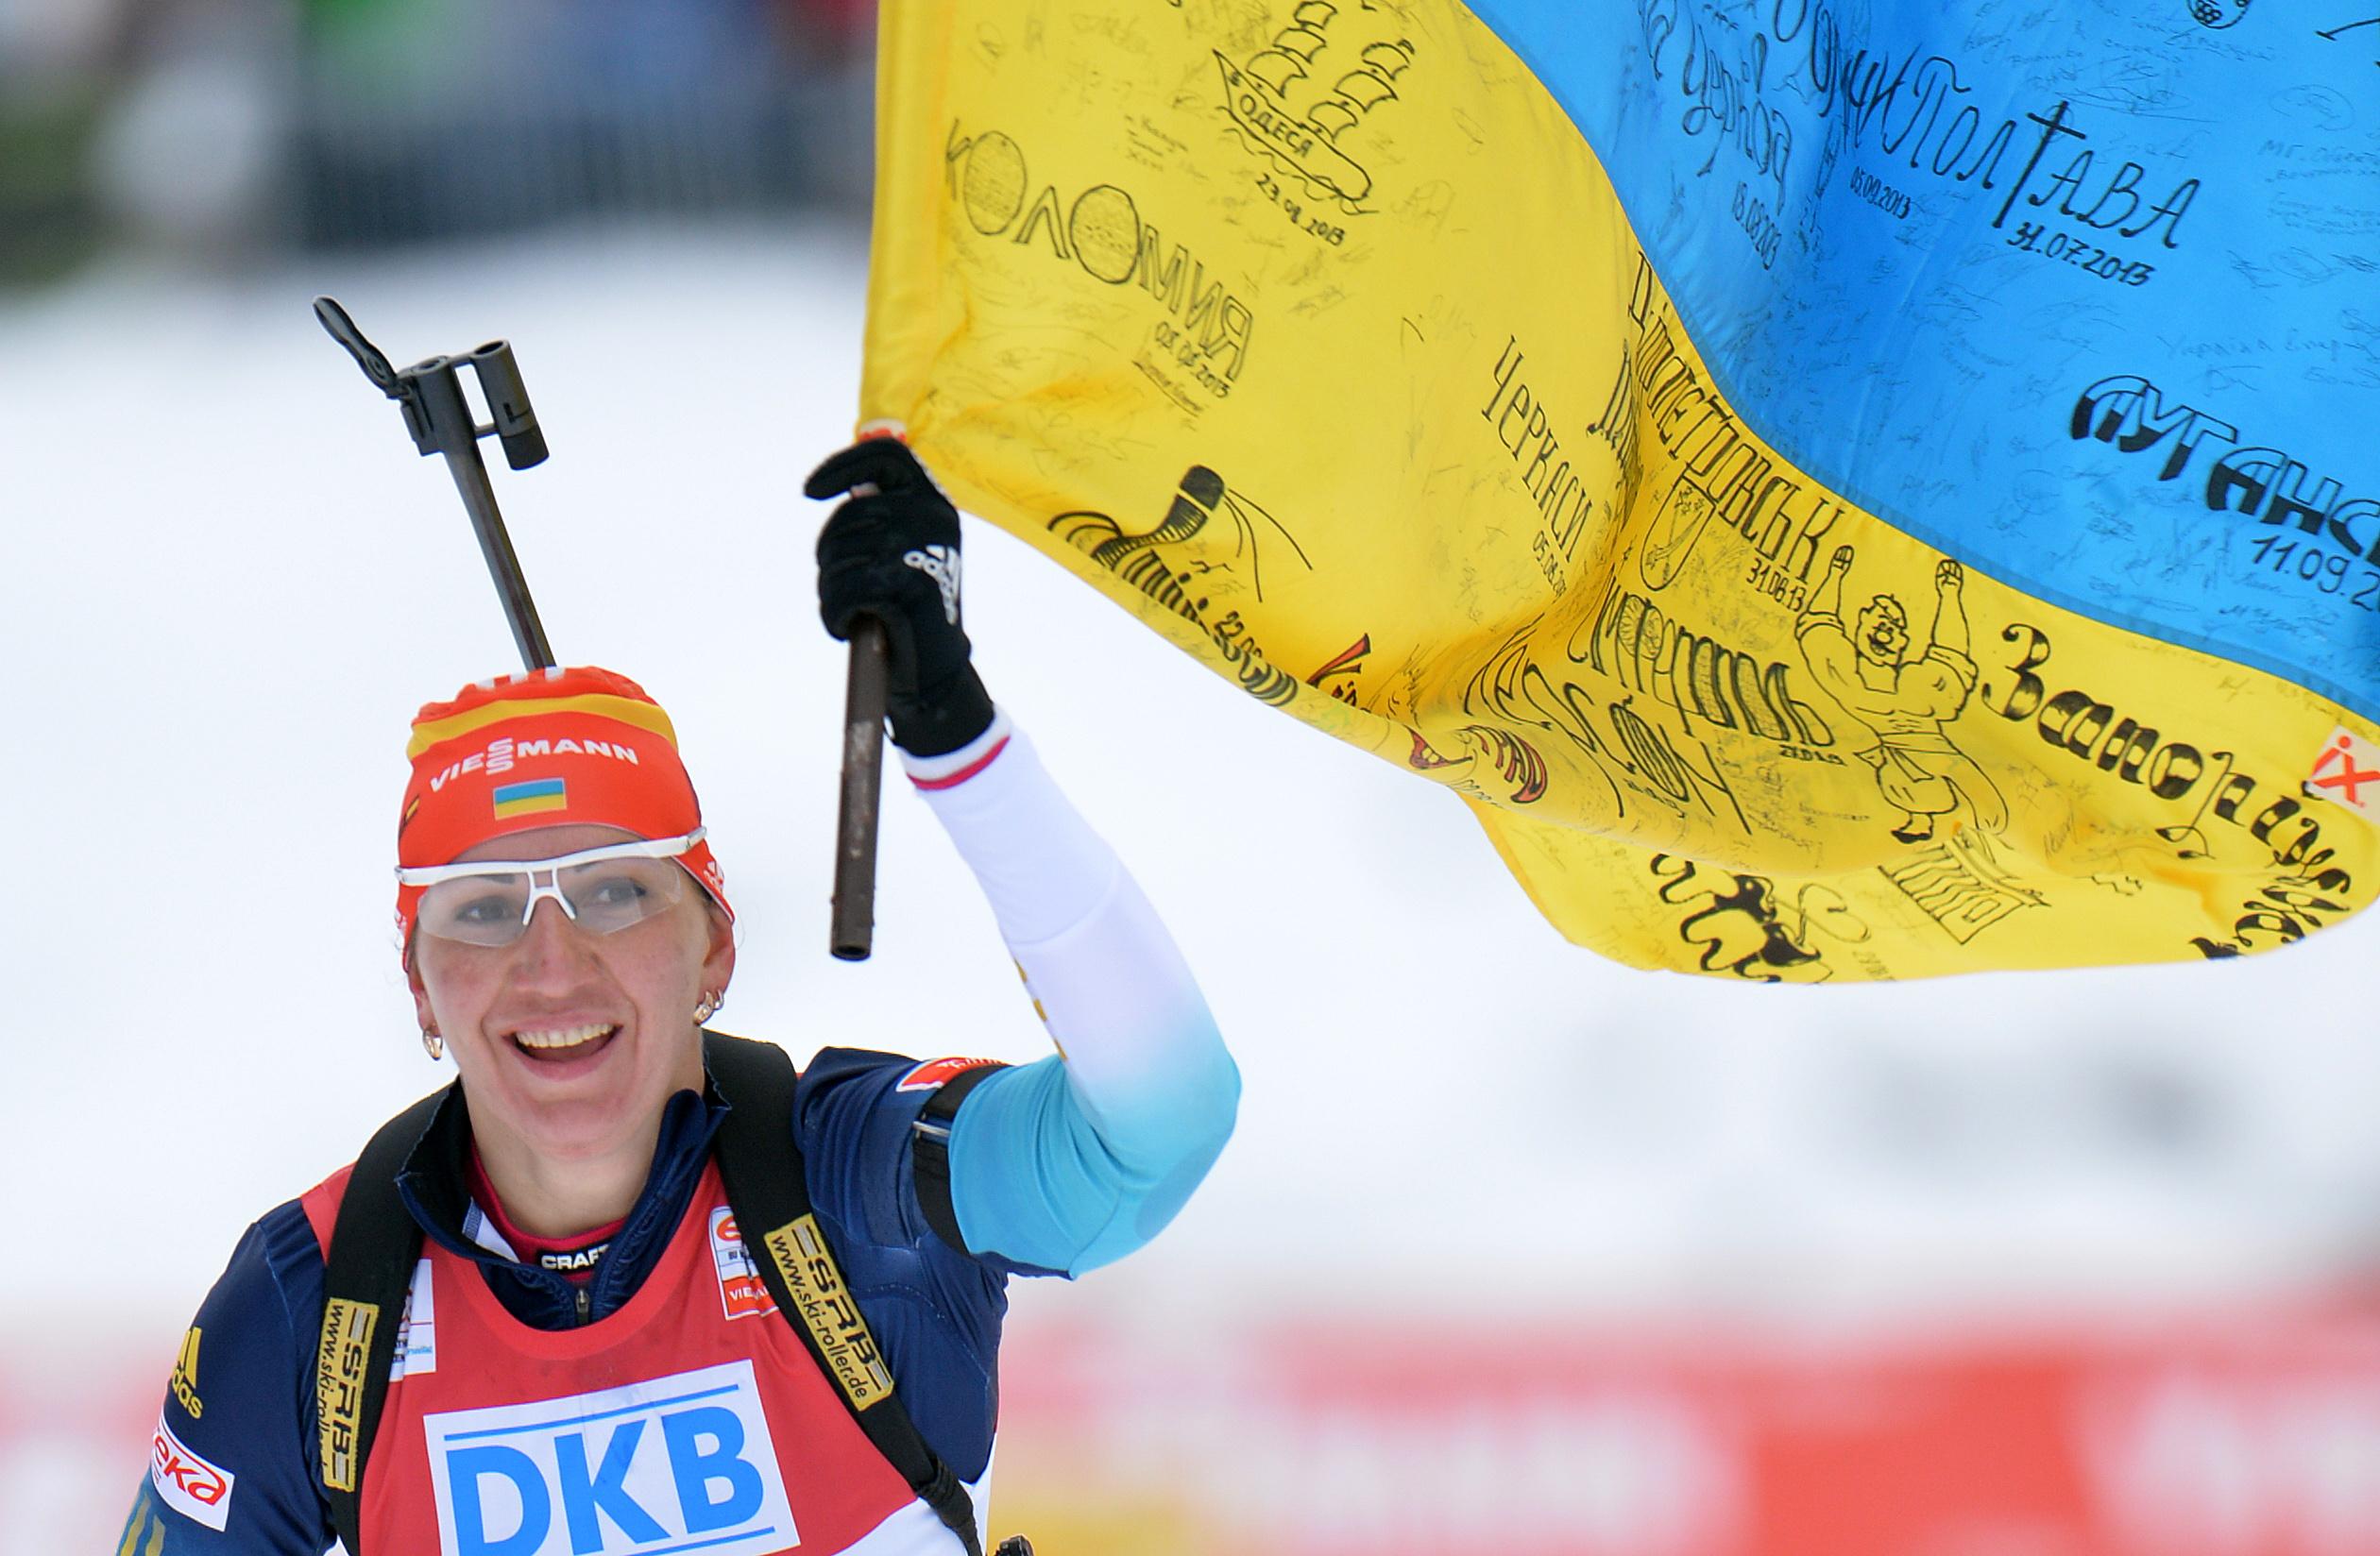 Елена Пидгрушная приехала на финиш с большим флагом Украины